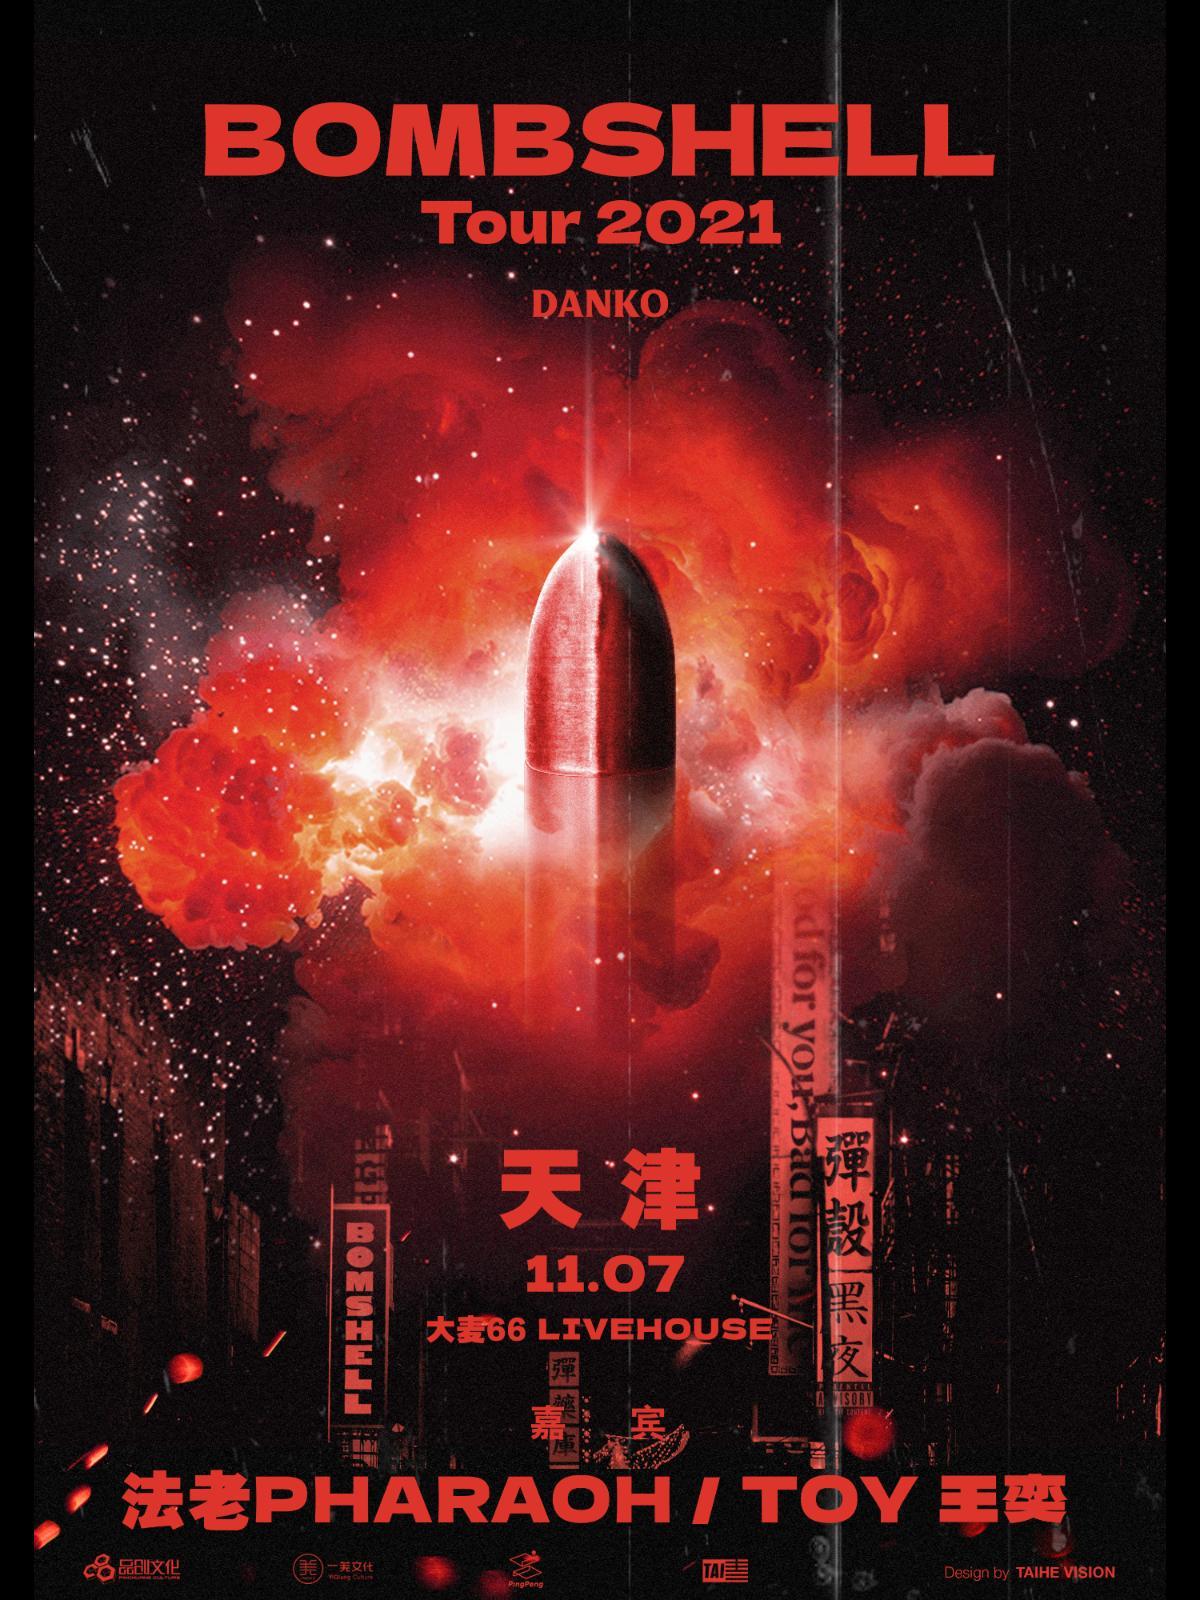 《Bombshell》2021巡演天津站